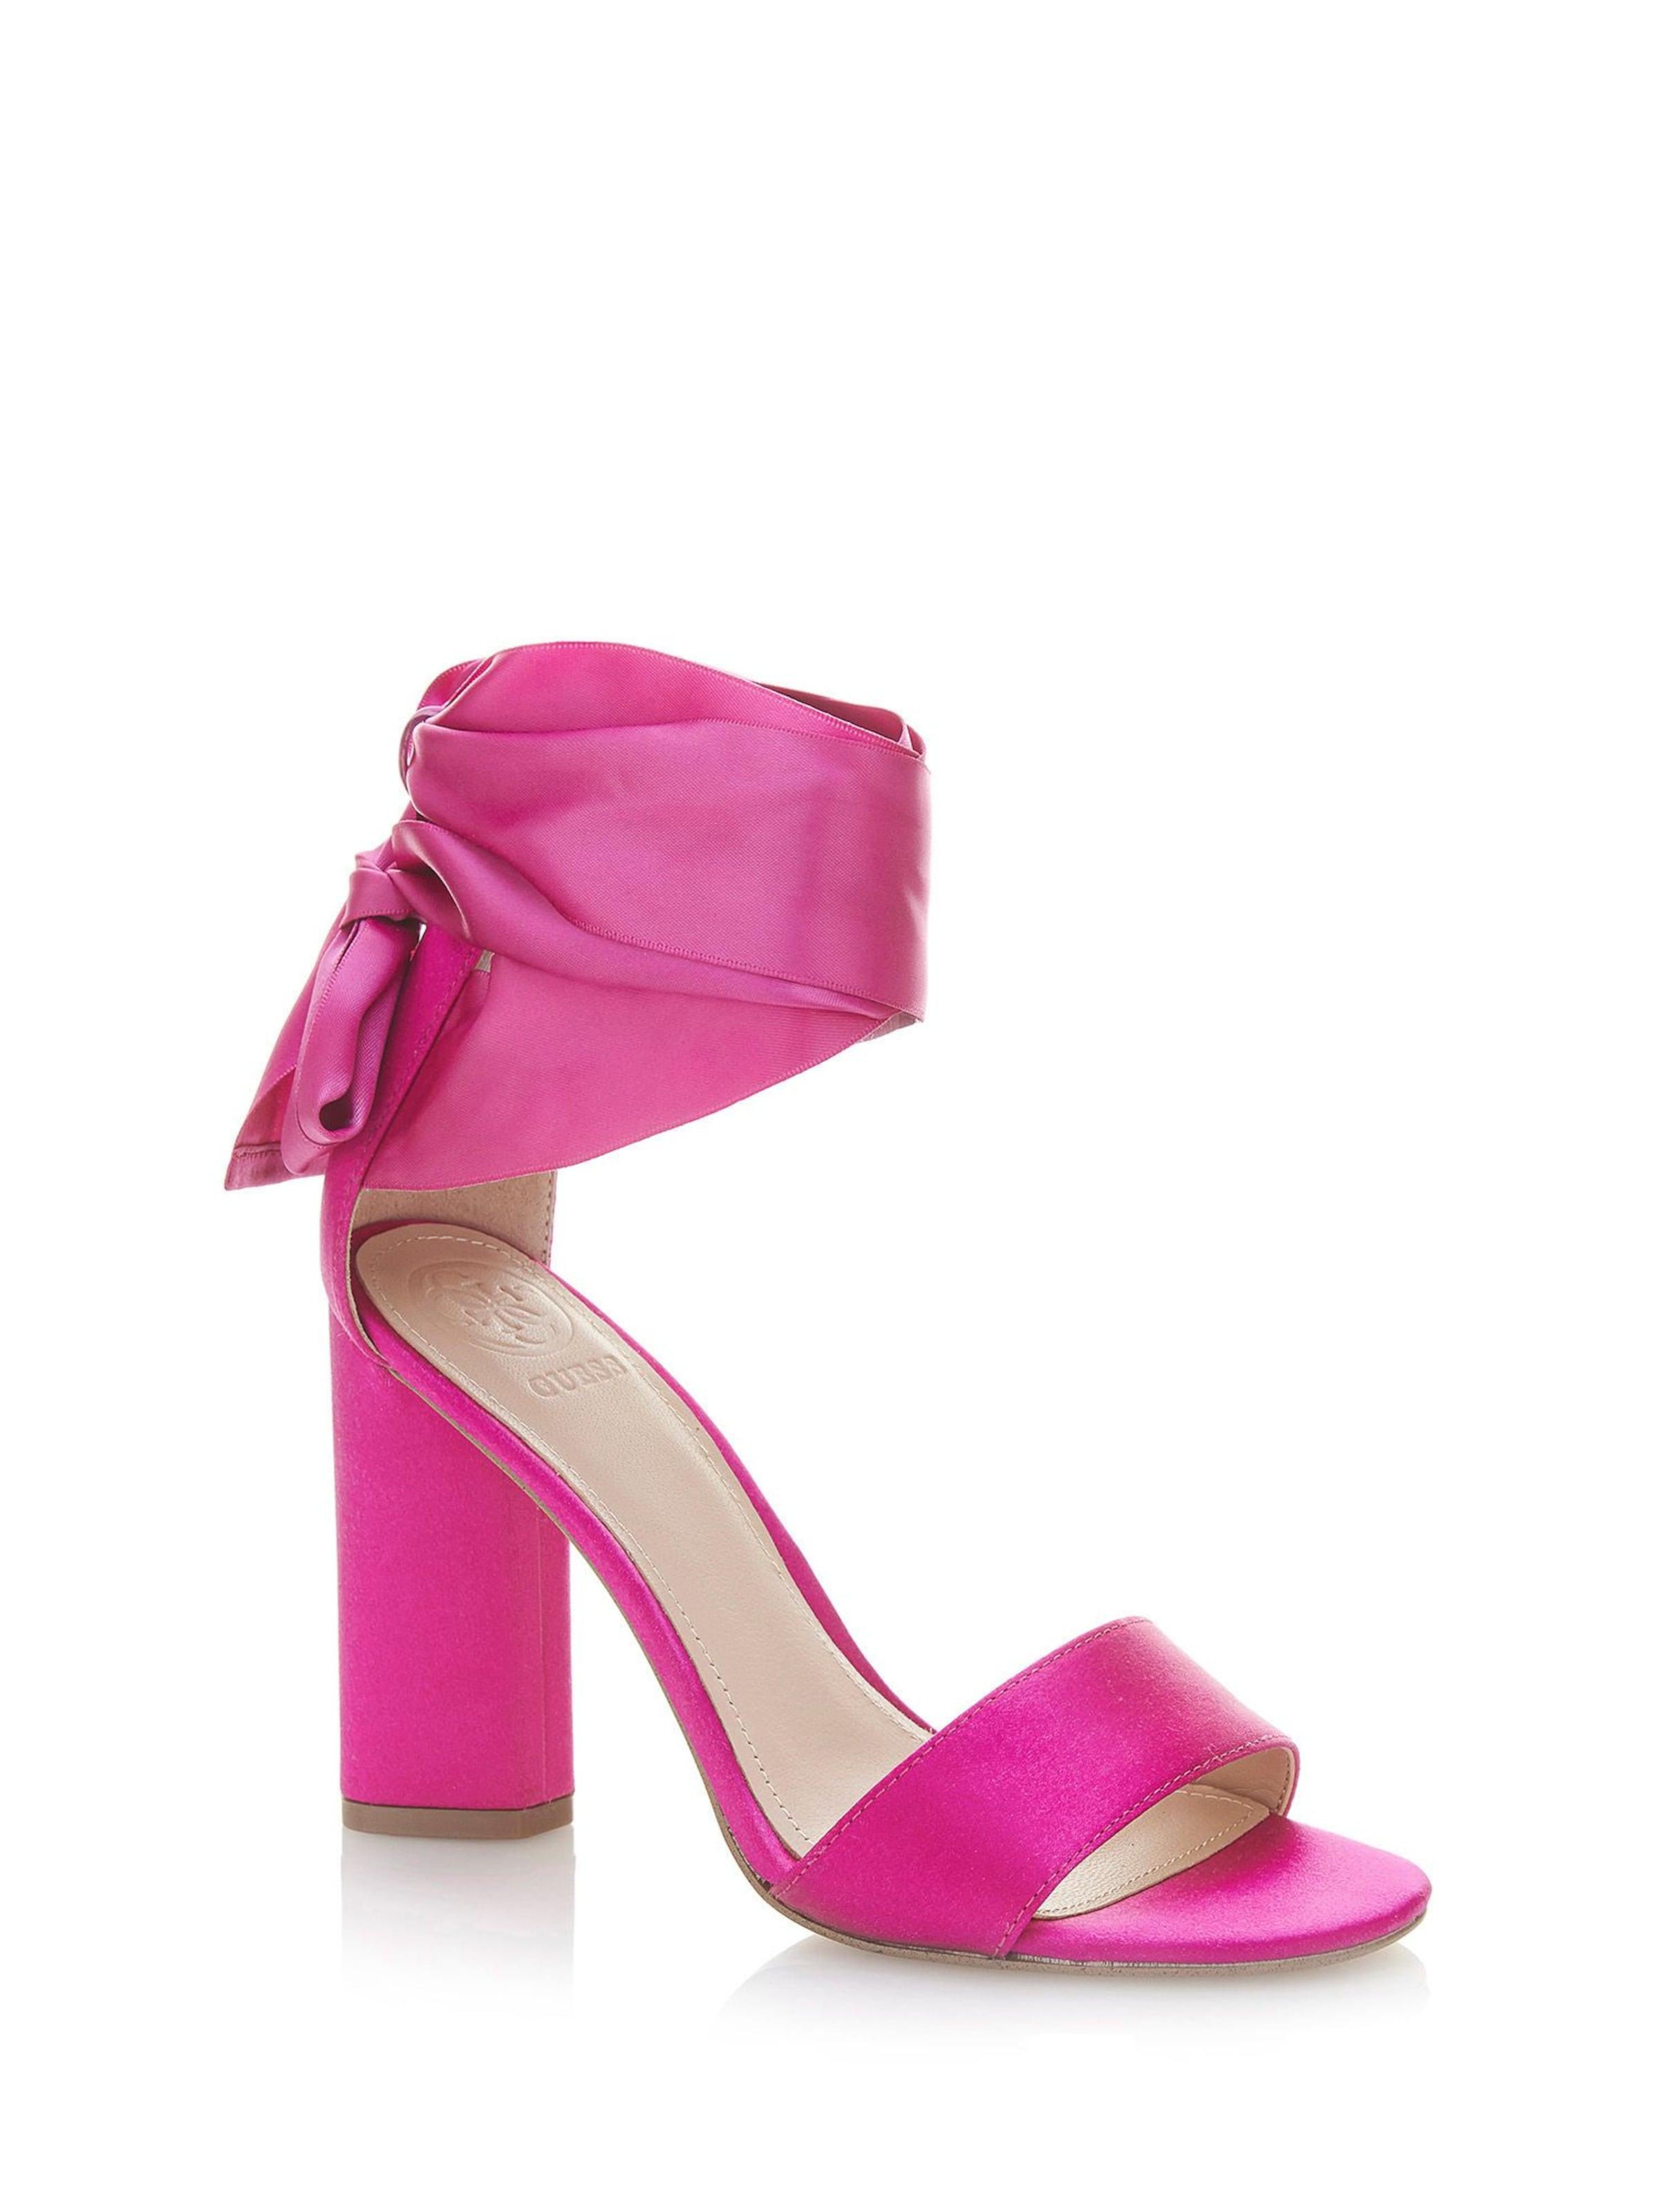 Haltbare Mode getragene billige Schuhe GUESS | Sandalette 'ALLISON' Schuhe Gut getragene Mode Schuhe 2c4e78